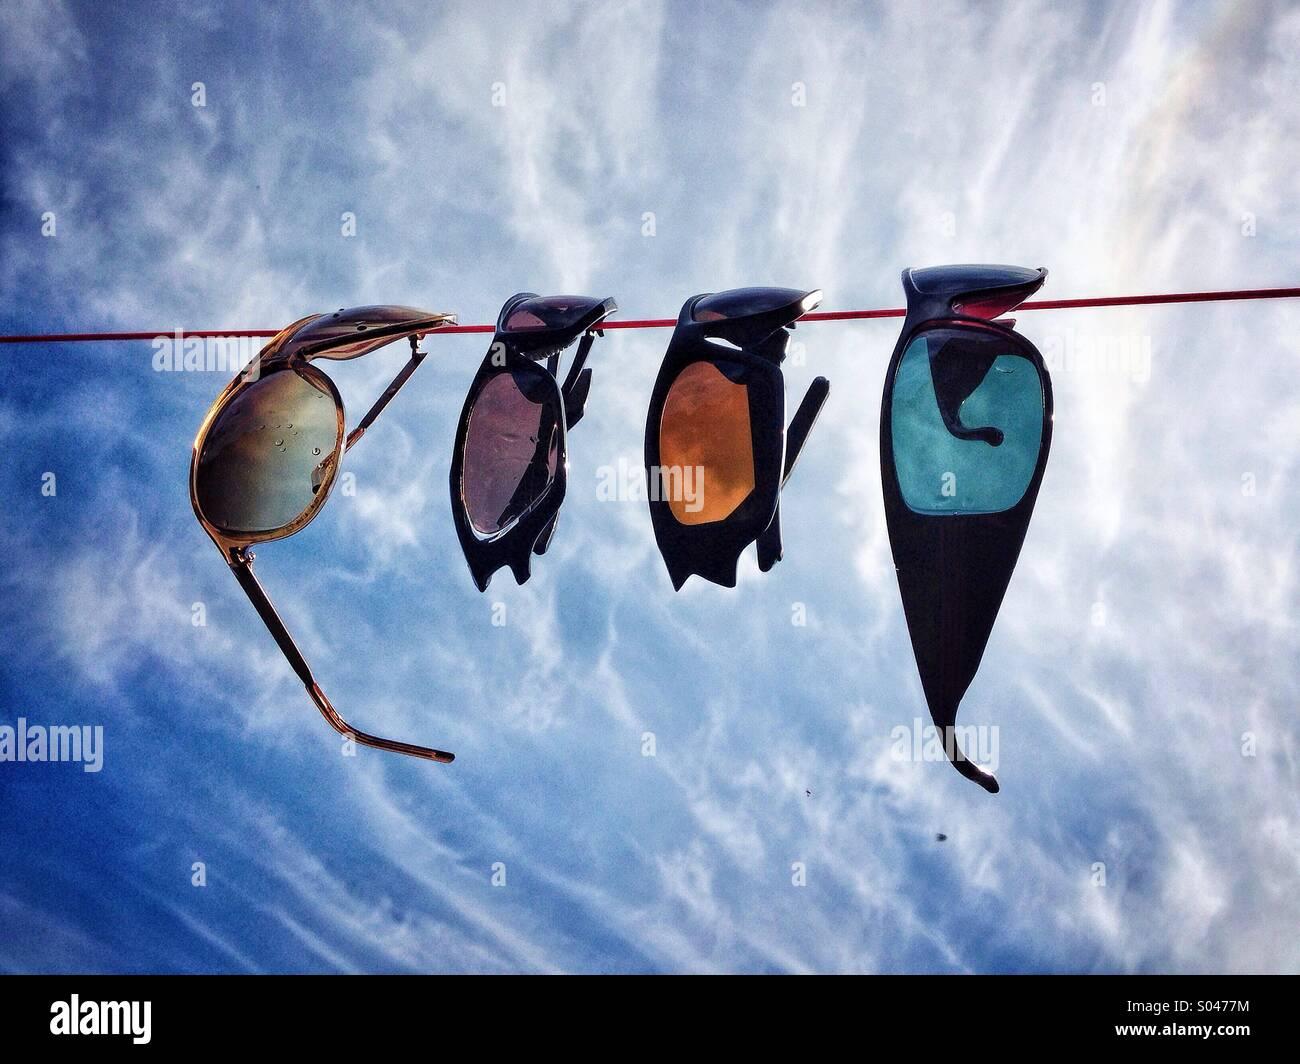 Gafas de sol colgando de una línea de lavado Imagen De Stock